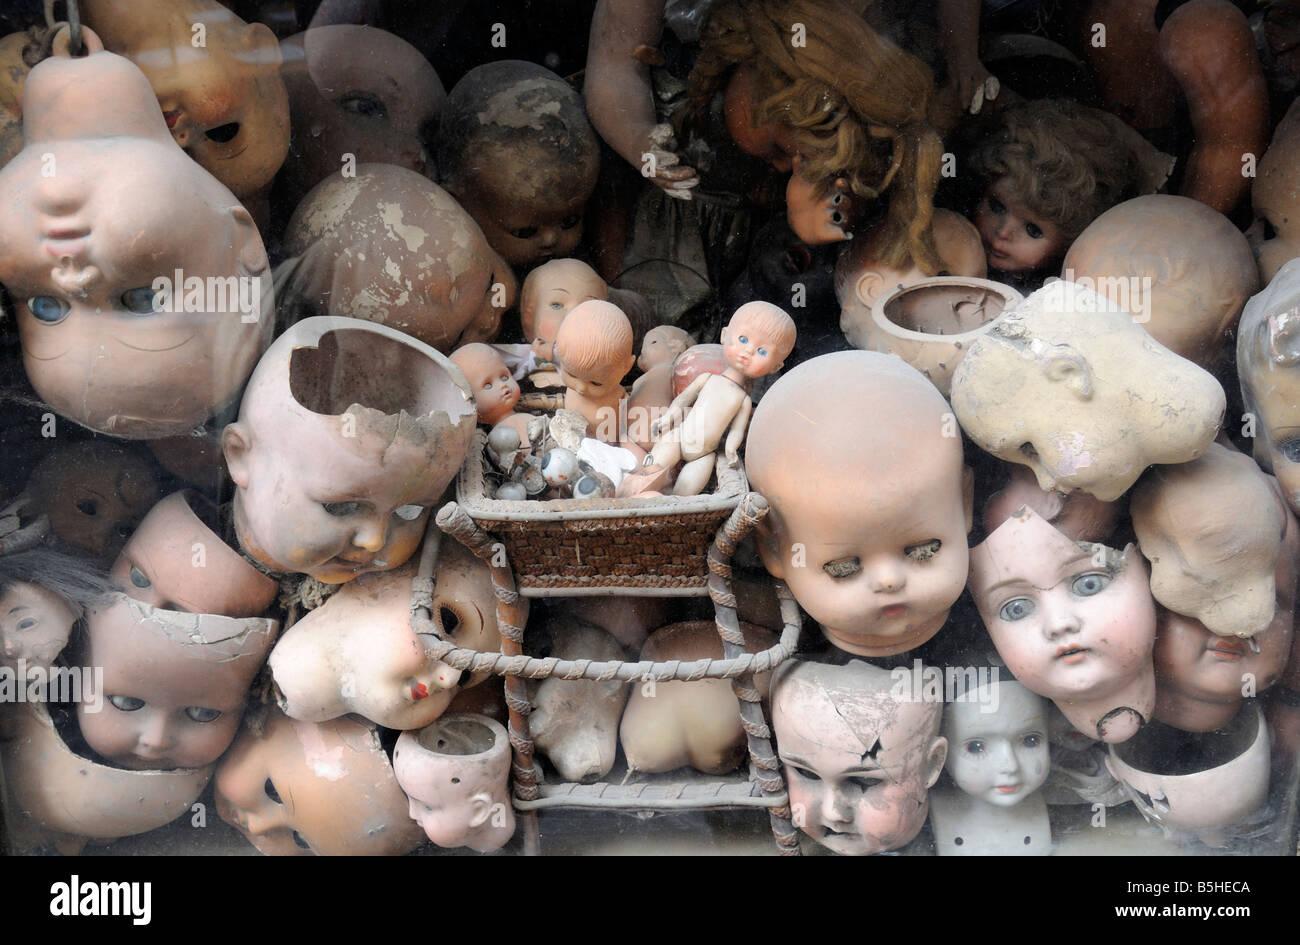 broken-doll-heads-in-a-shop-in-rome-B5HE